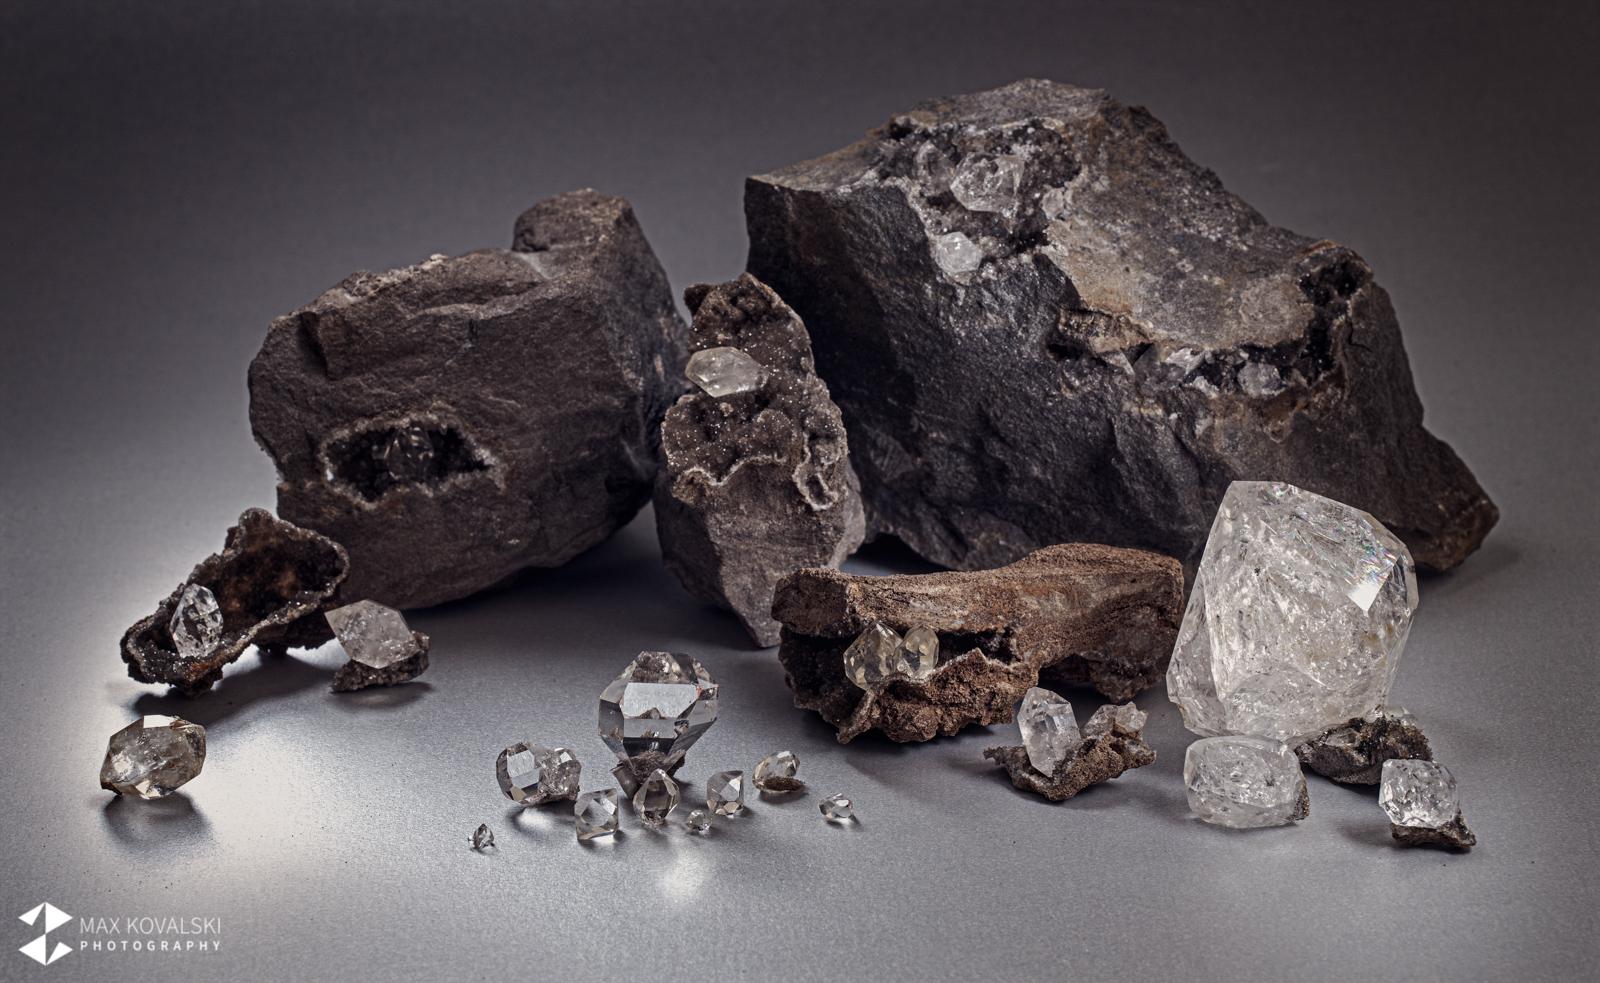 יהלומי הרקימר שחלקם בתוך הסלע בו נוצרו. צילום: מקס קובלסקי Photo by Max Kovalski www.maxkov.com